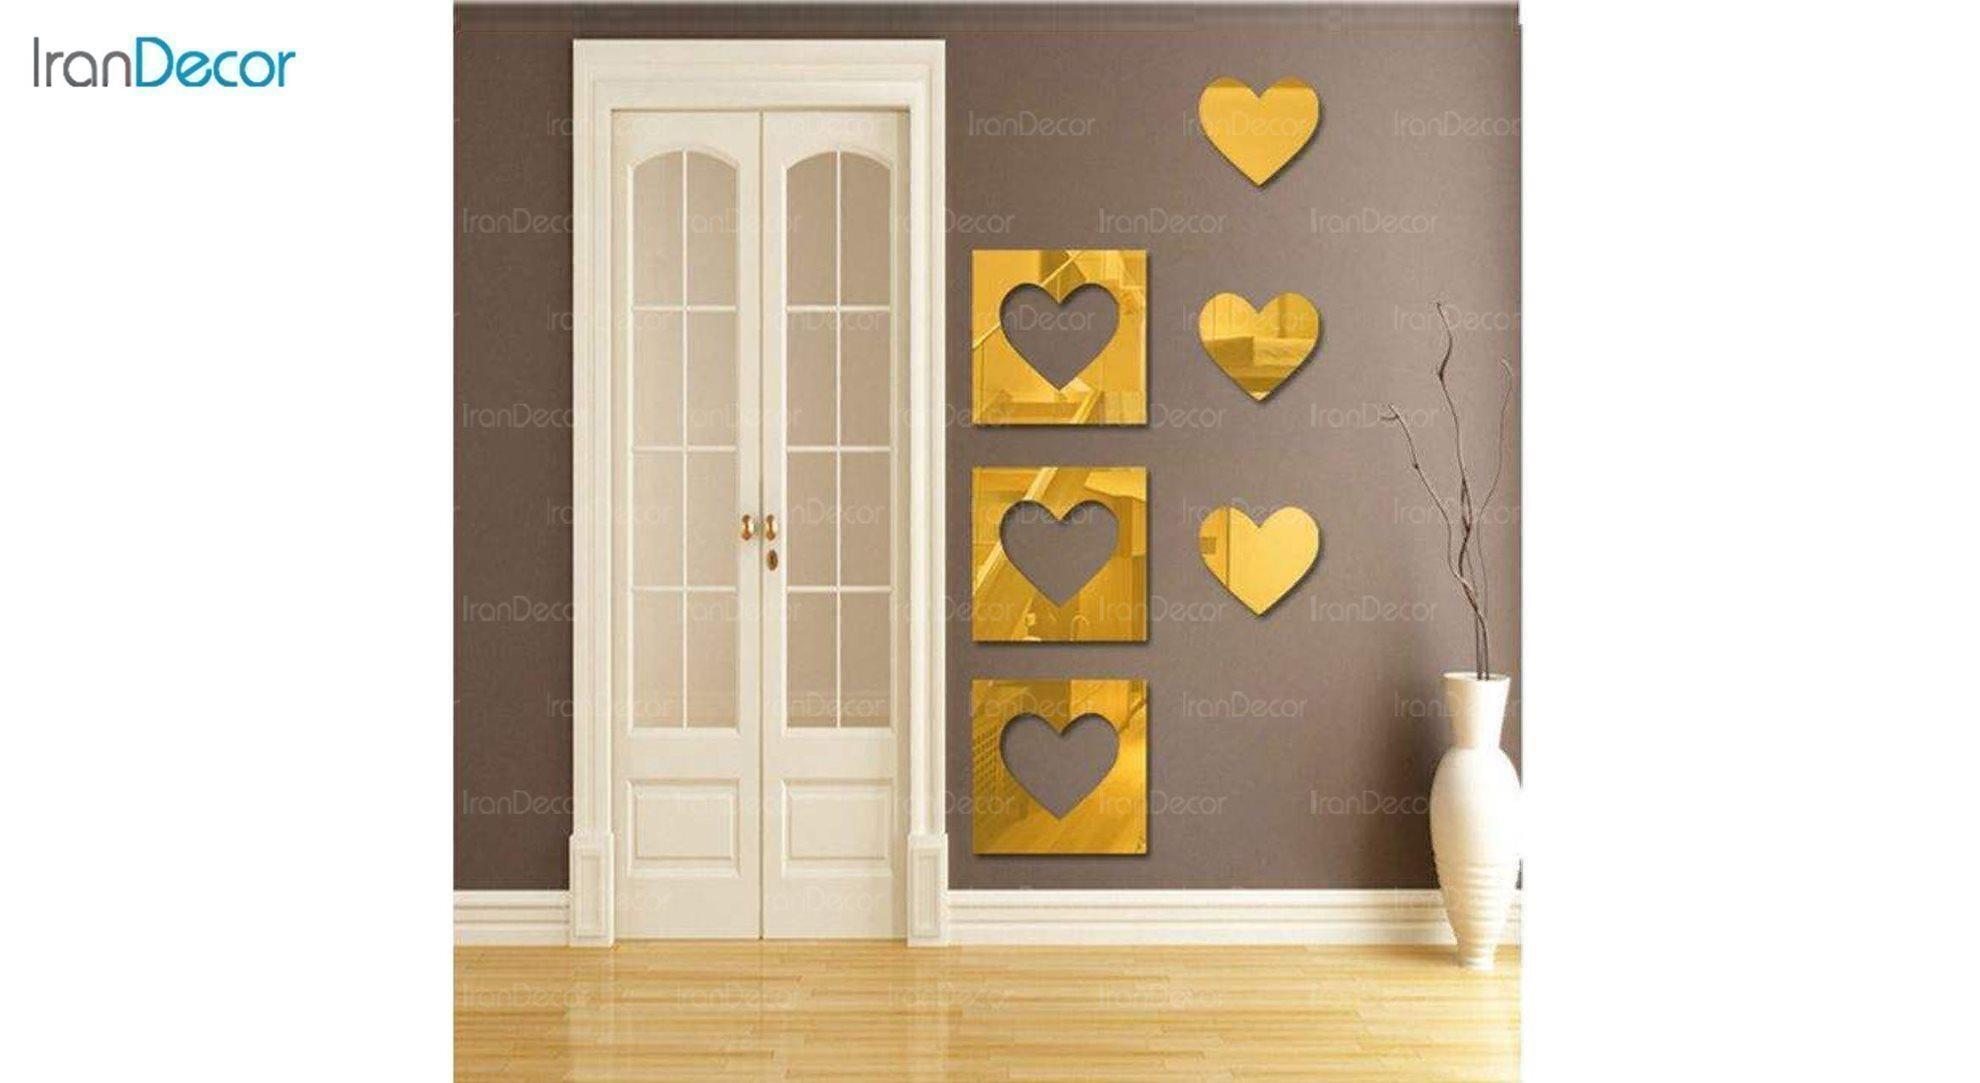 آینه پلکسی گلس طرح قلب رومادون کد 452 اندازه 20 سانتی متر طلایی